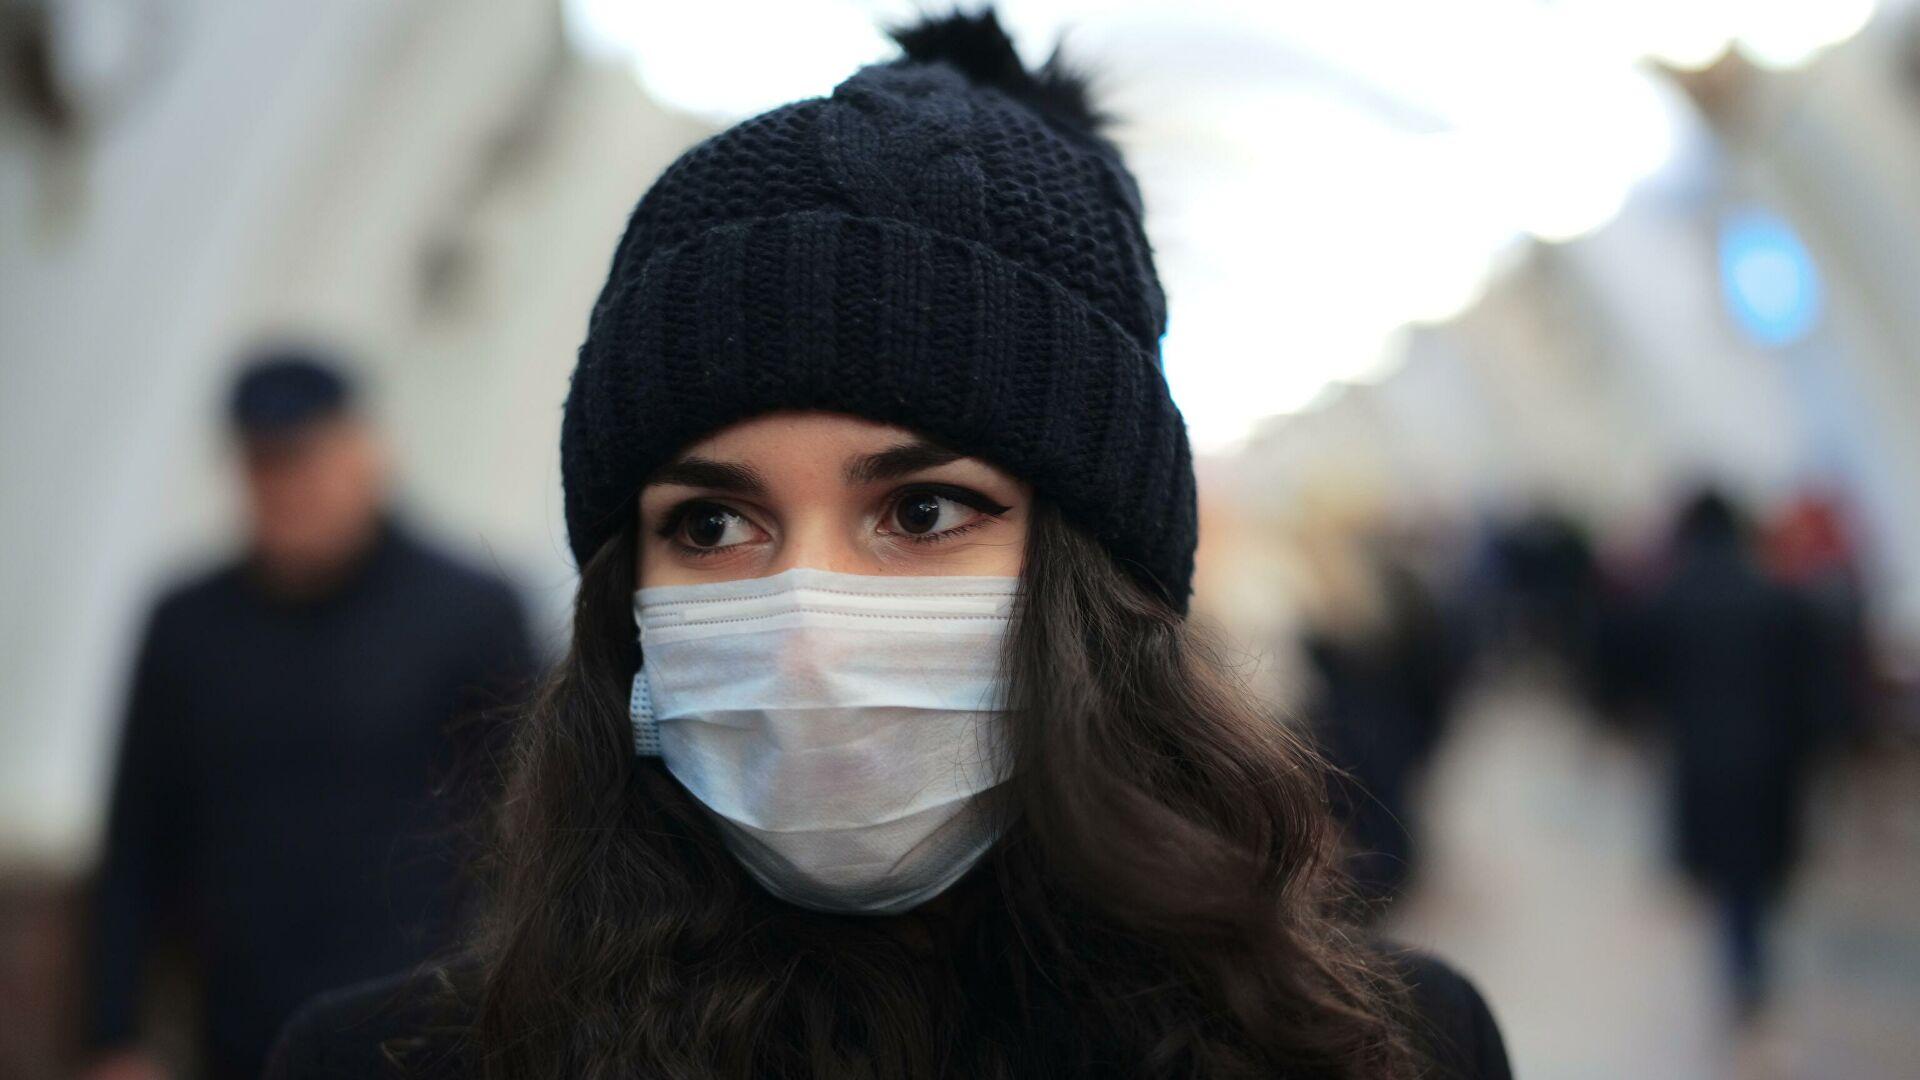 Эффективны ли тканевые маски против коронавируса?